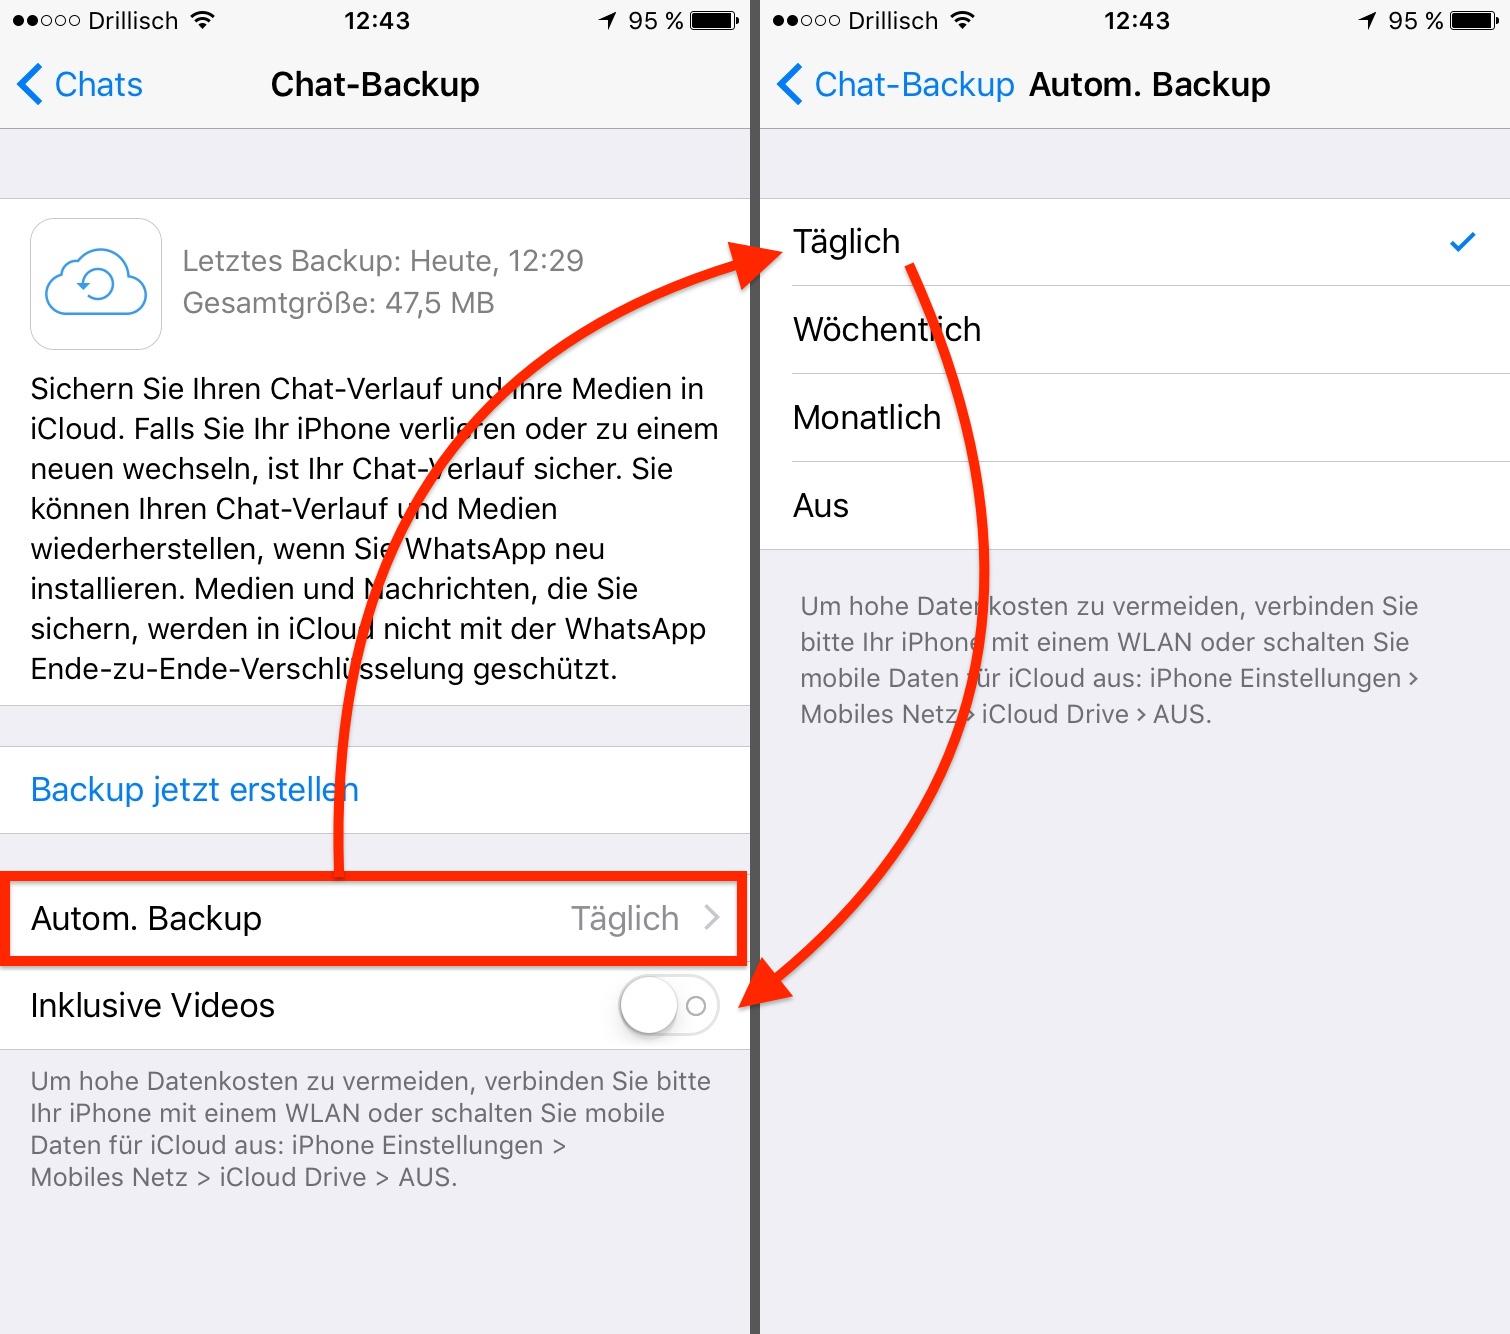 Ihr solltet tägliche automatische Backups einrichten, um sicherzustellen, dass nichts verloren geht. Auf Videos könnt Ihr verzichten.